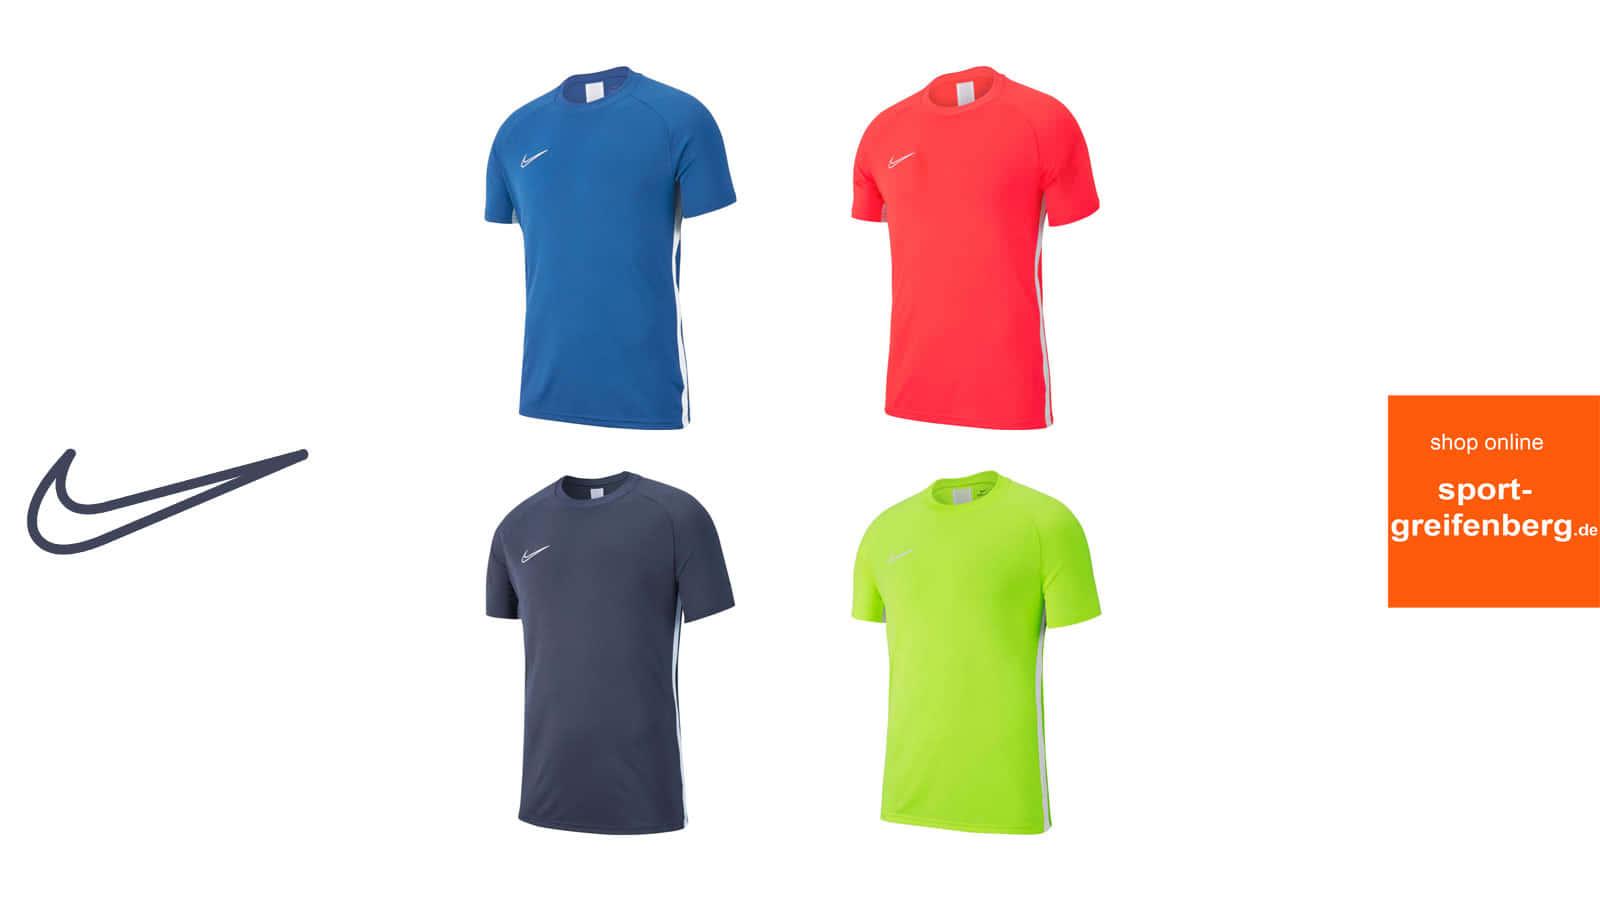 Das sind die Nike Academy 19 Farben für die Sportbekleidung